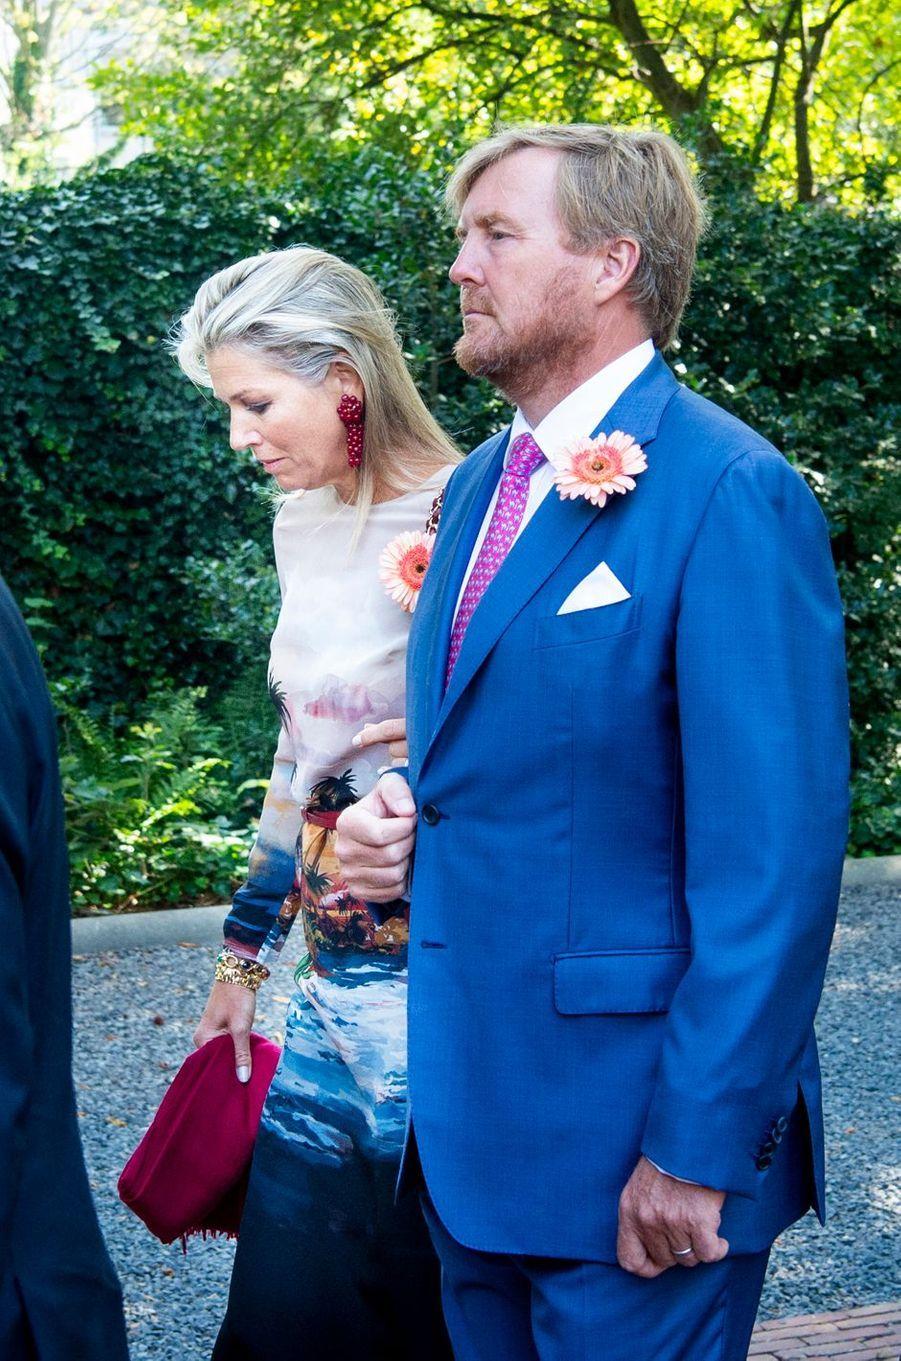 La reine Maxima et le roi Willem-Alexander des Pays-Bas aux funérailles de la princesse Christina à La Haye, le 22 juin 2019